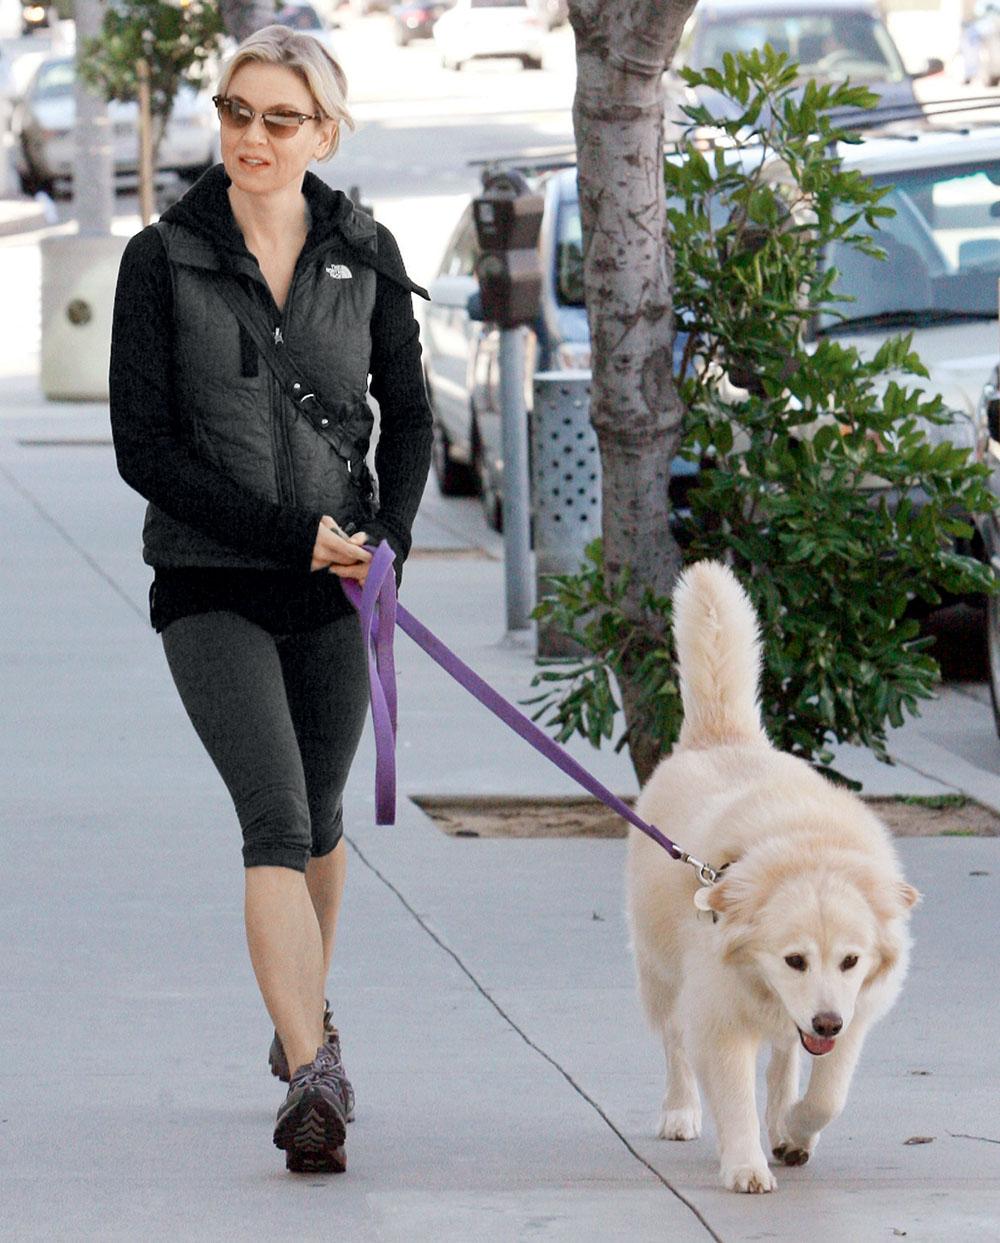 Собаки, лучшие друзья Рене, не раз спасали ее от тоски и одиночества. 2011 г.